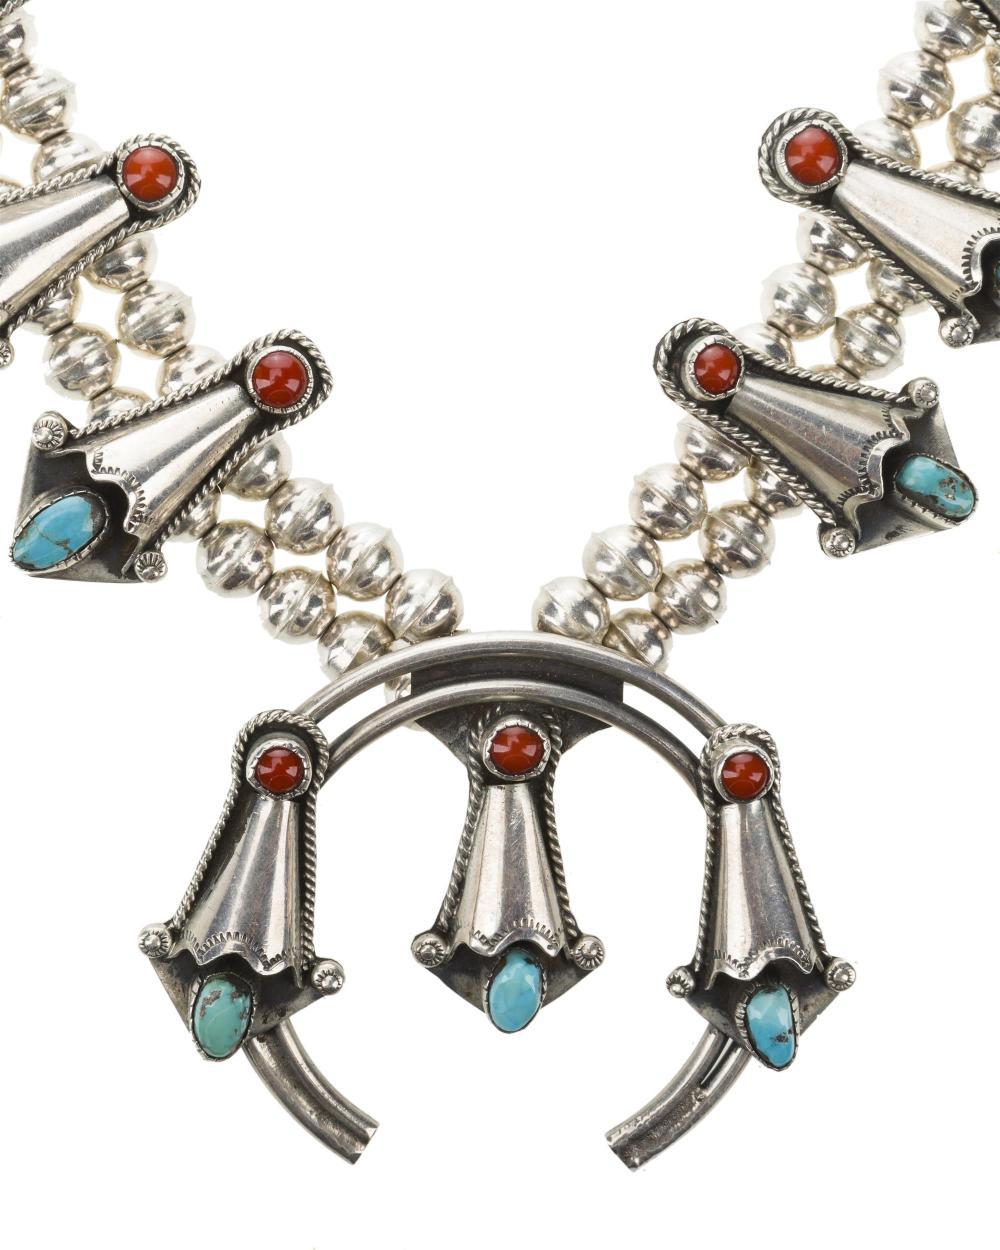 A squash blossom necklace